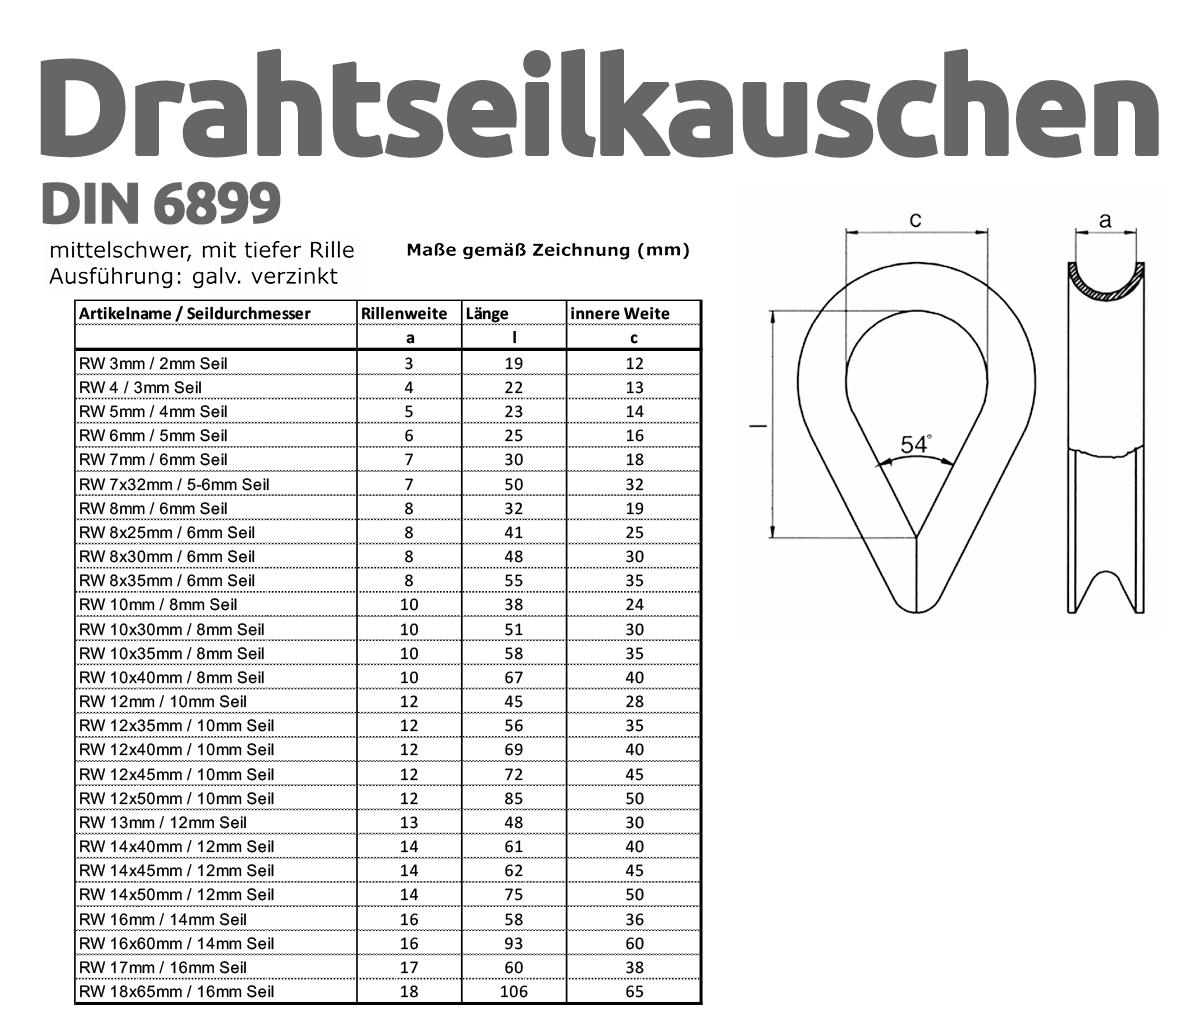 Kausche_Grafik_1200_mit_SonderkauschenA1PNULH927daj